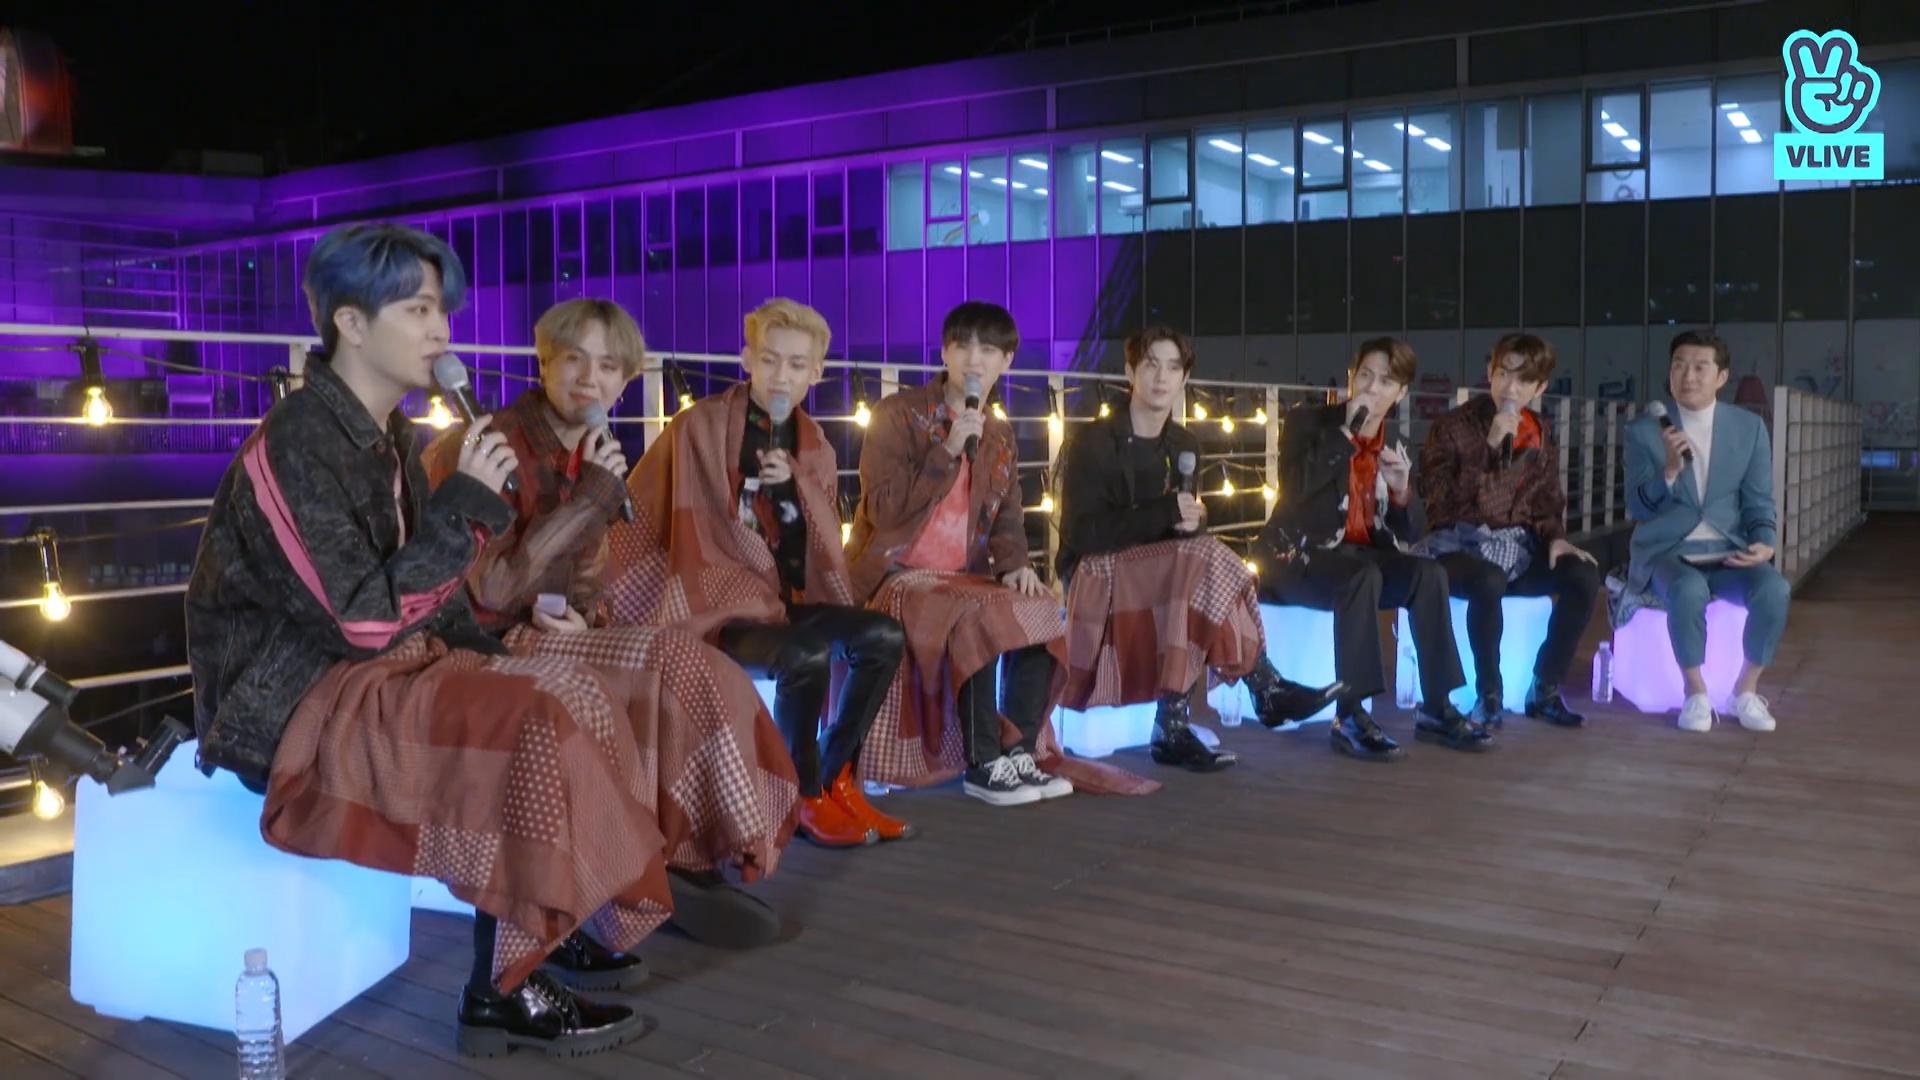 [GOT7] 덩어리들 컴백에 신나서 돌아버린 내가 바로 스피닝탑이더라구요💚🎉 (GOT7's comeback live talk)